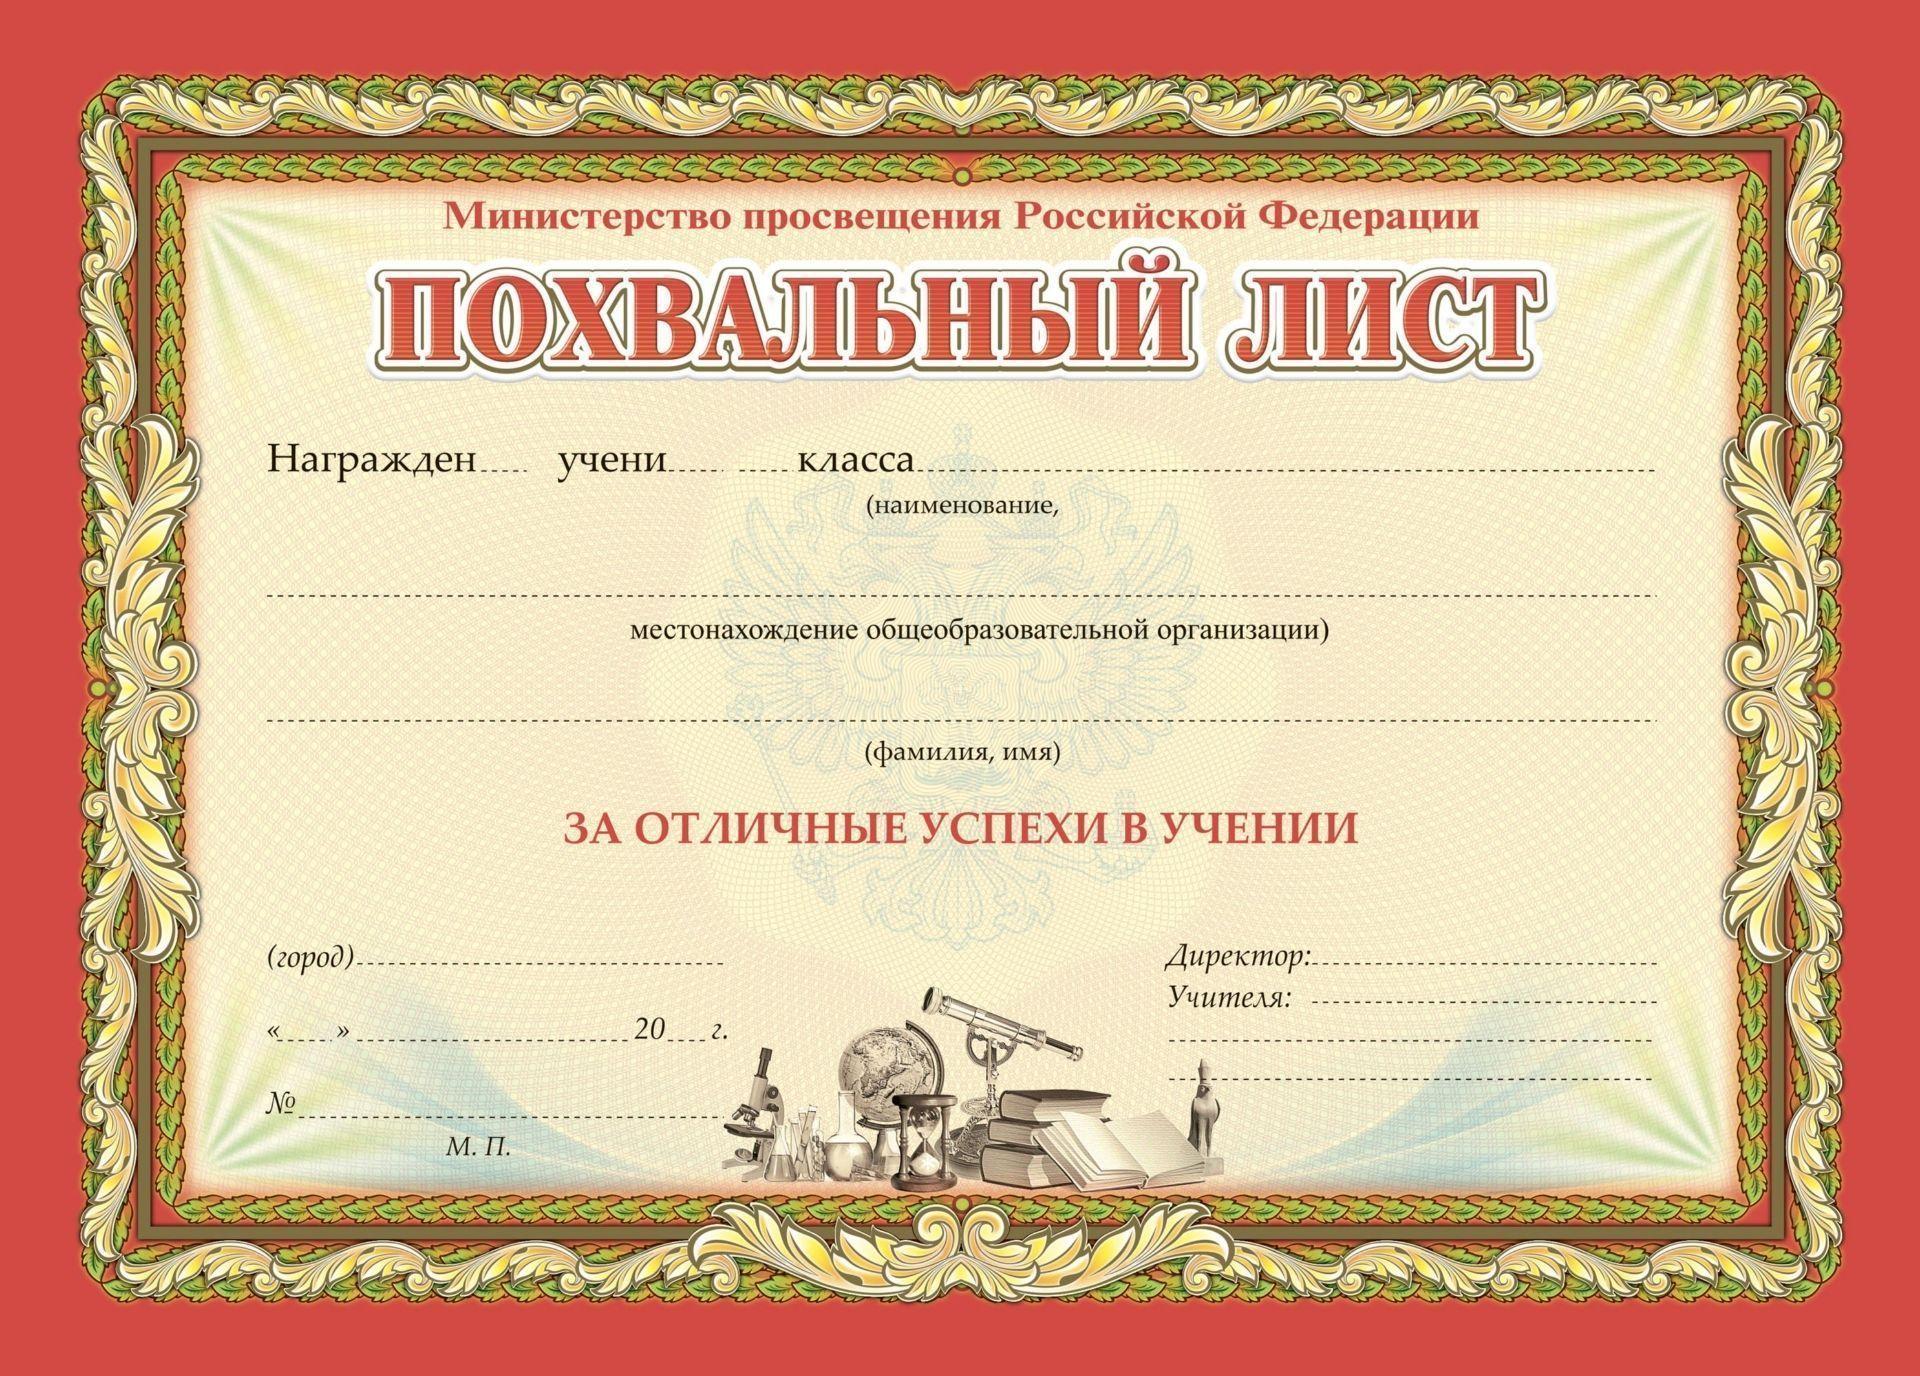 Похвальный лист, с пометкой Министерство образования и науки Российской Федерации (горизонтальный, с бронзой)Учащимся<br>Материалы:на обложку - бумага мелованная, пл. 250.00.<br><br>Год: 2017<br>Высота: 297<br>Ширина: 210